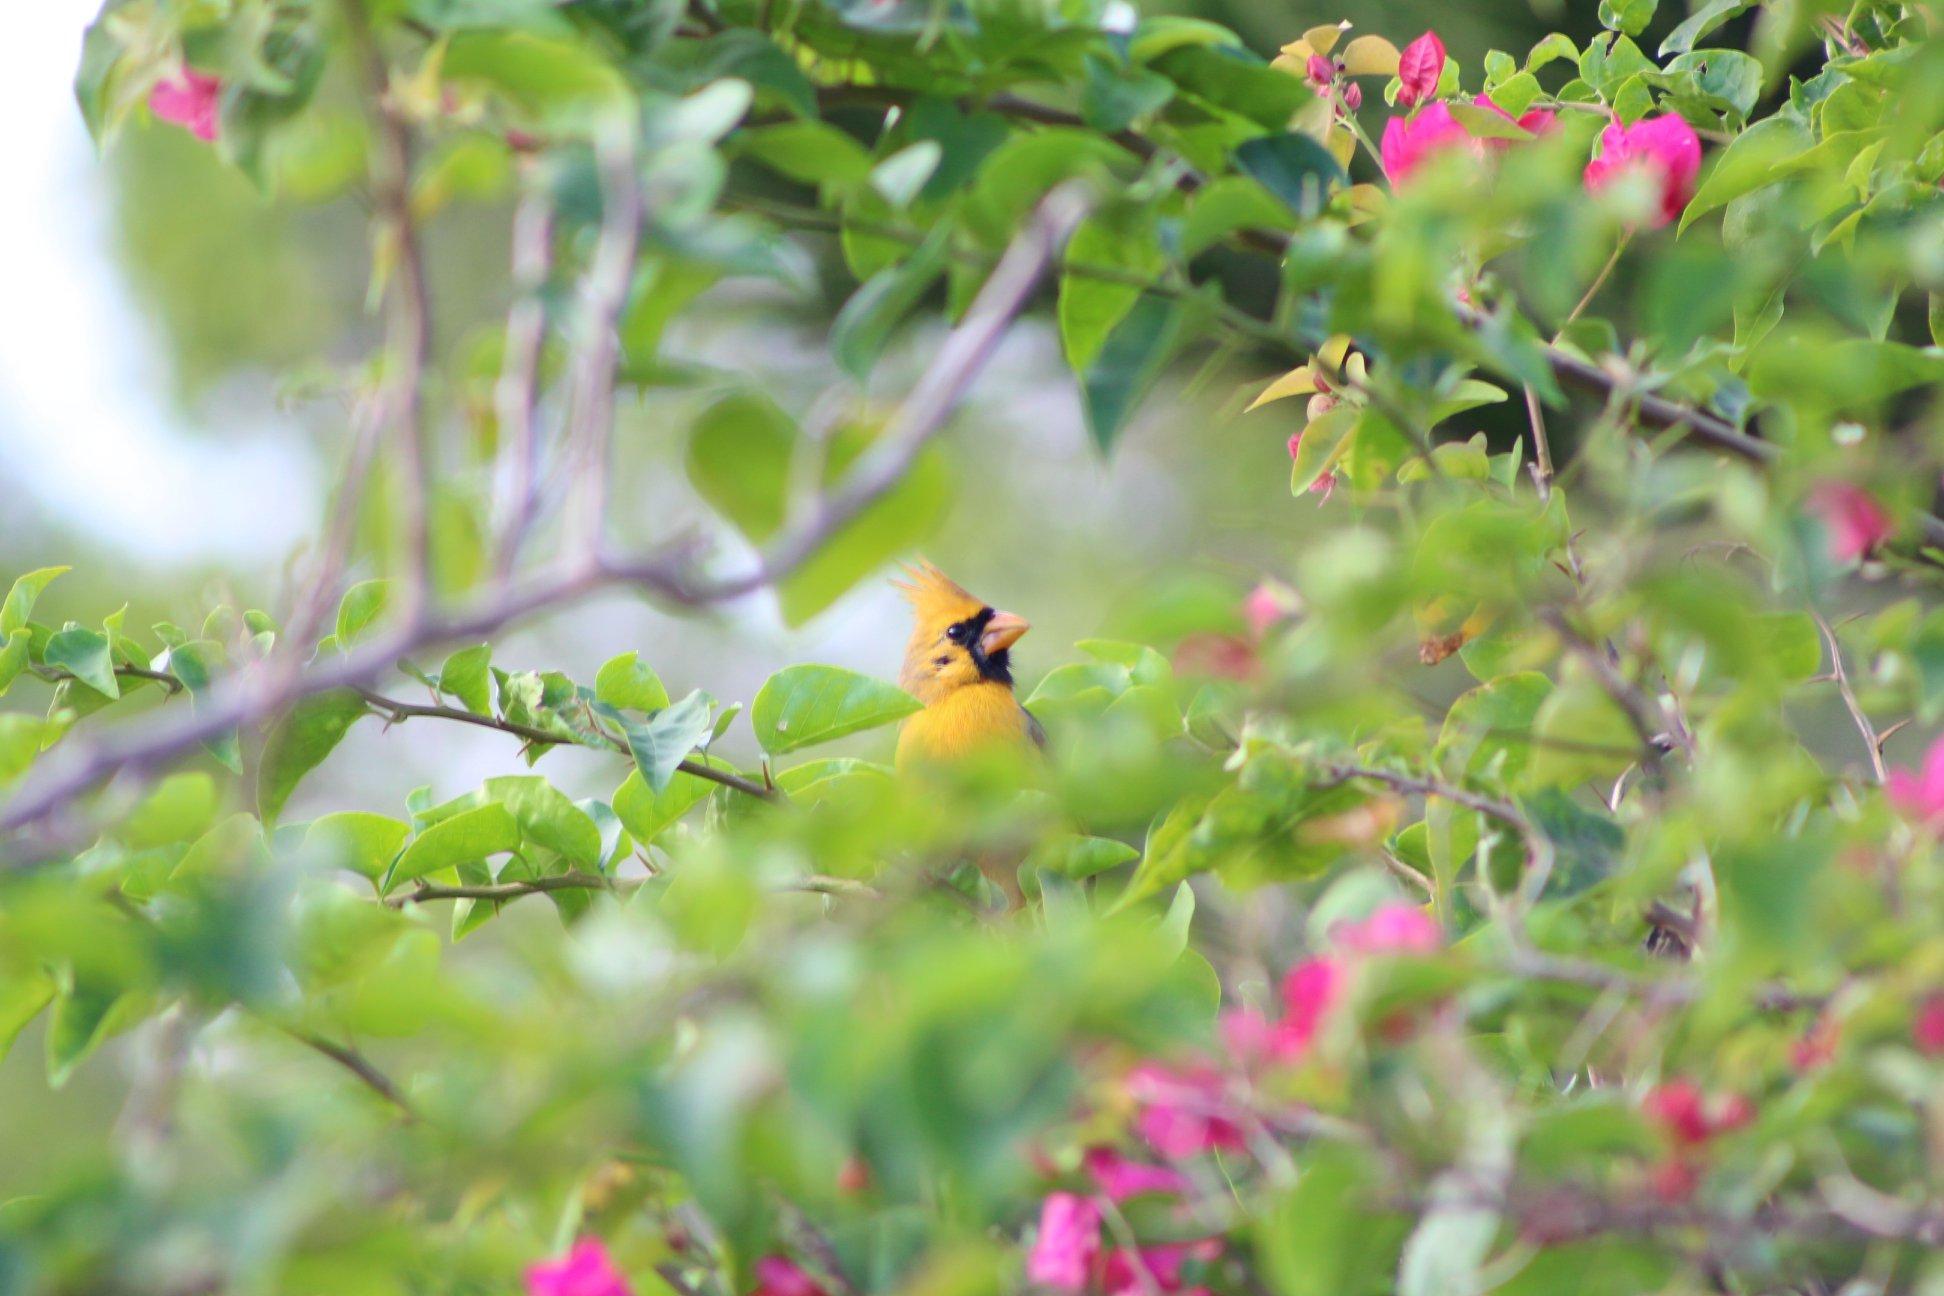 Photograph of the rare Yellow Cardinal